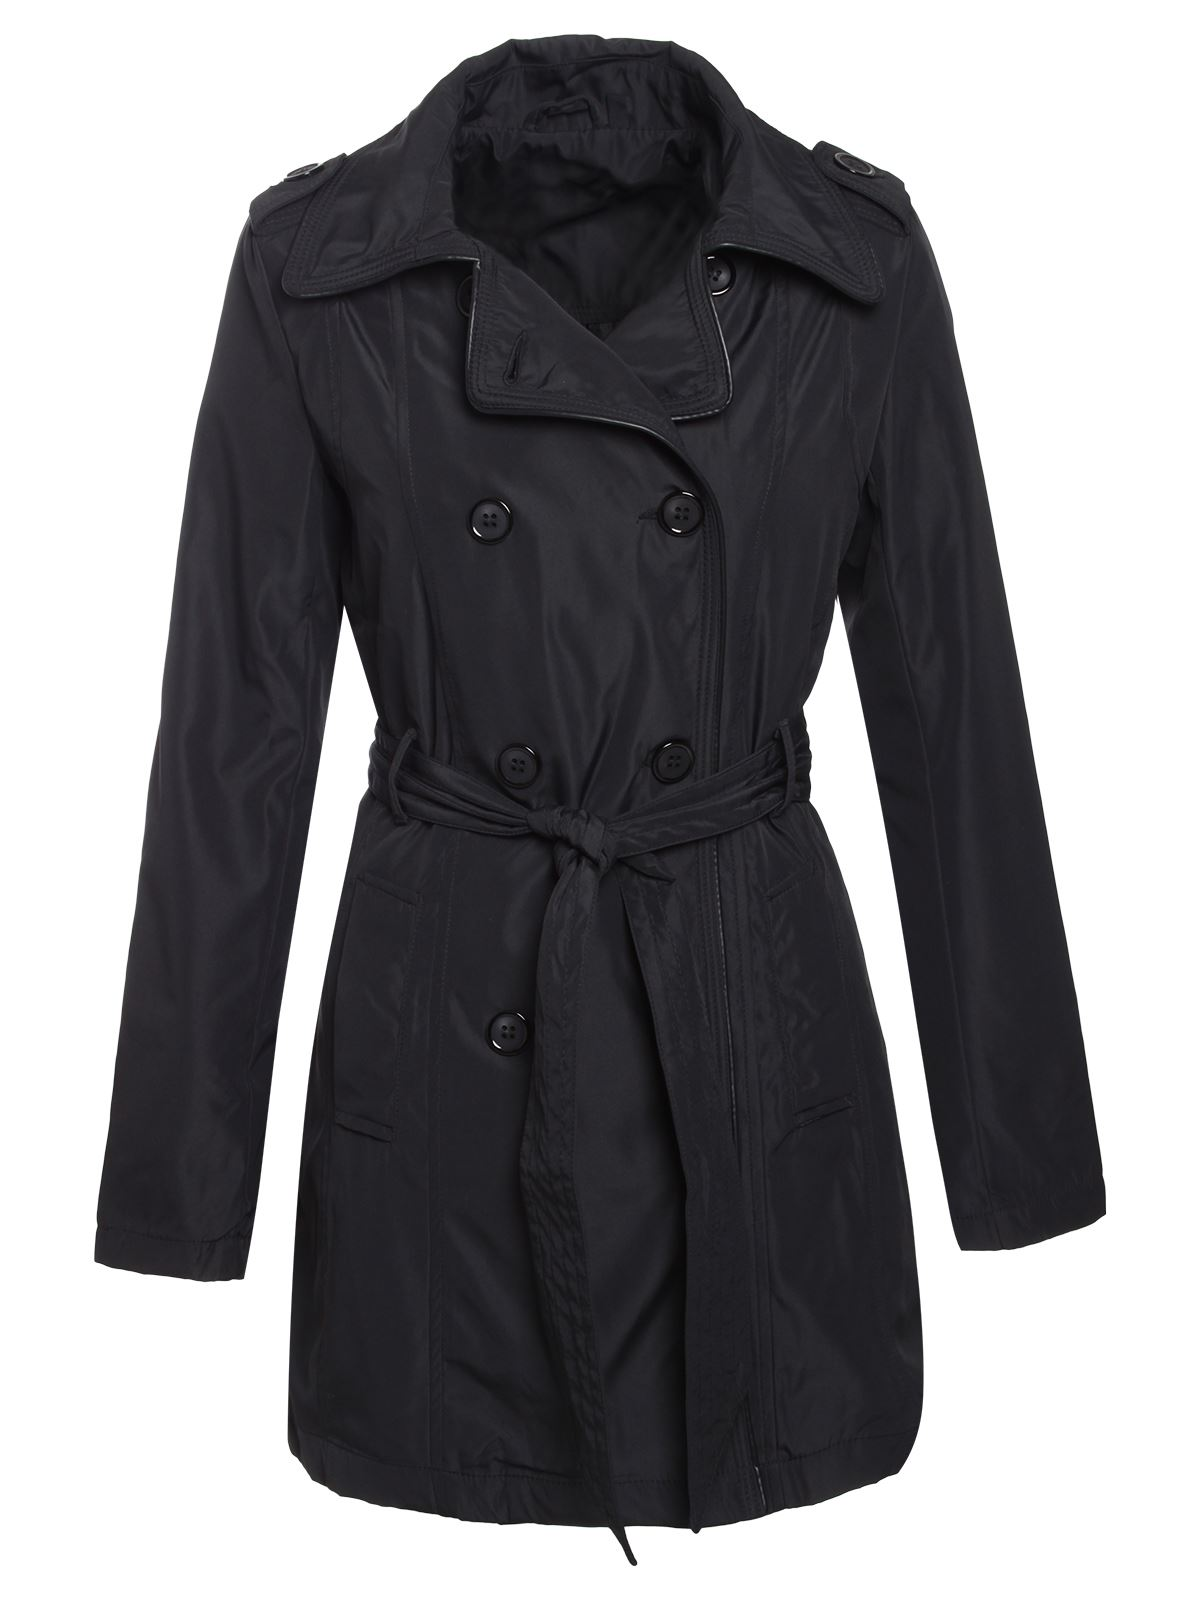 Womens mac trench coat